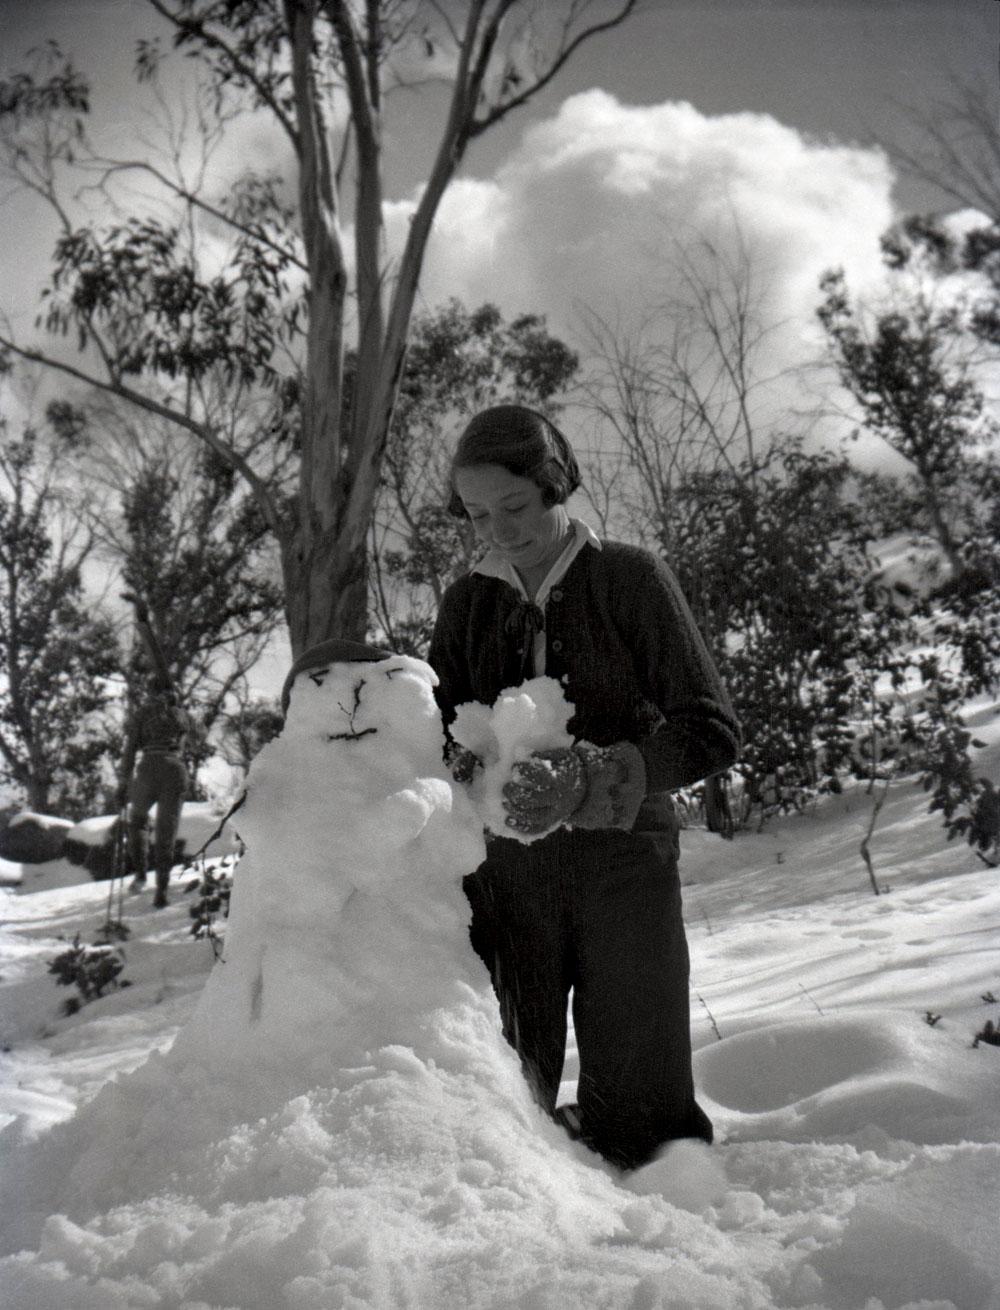 bonhomme neige ancien photo 59 Des bonshommes de neige à lancienne